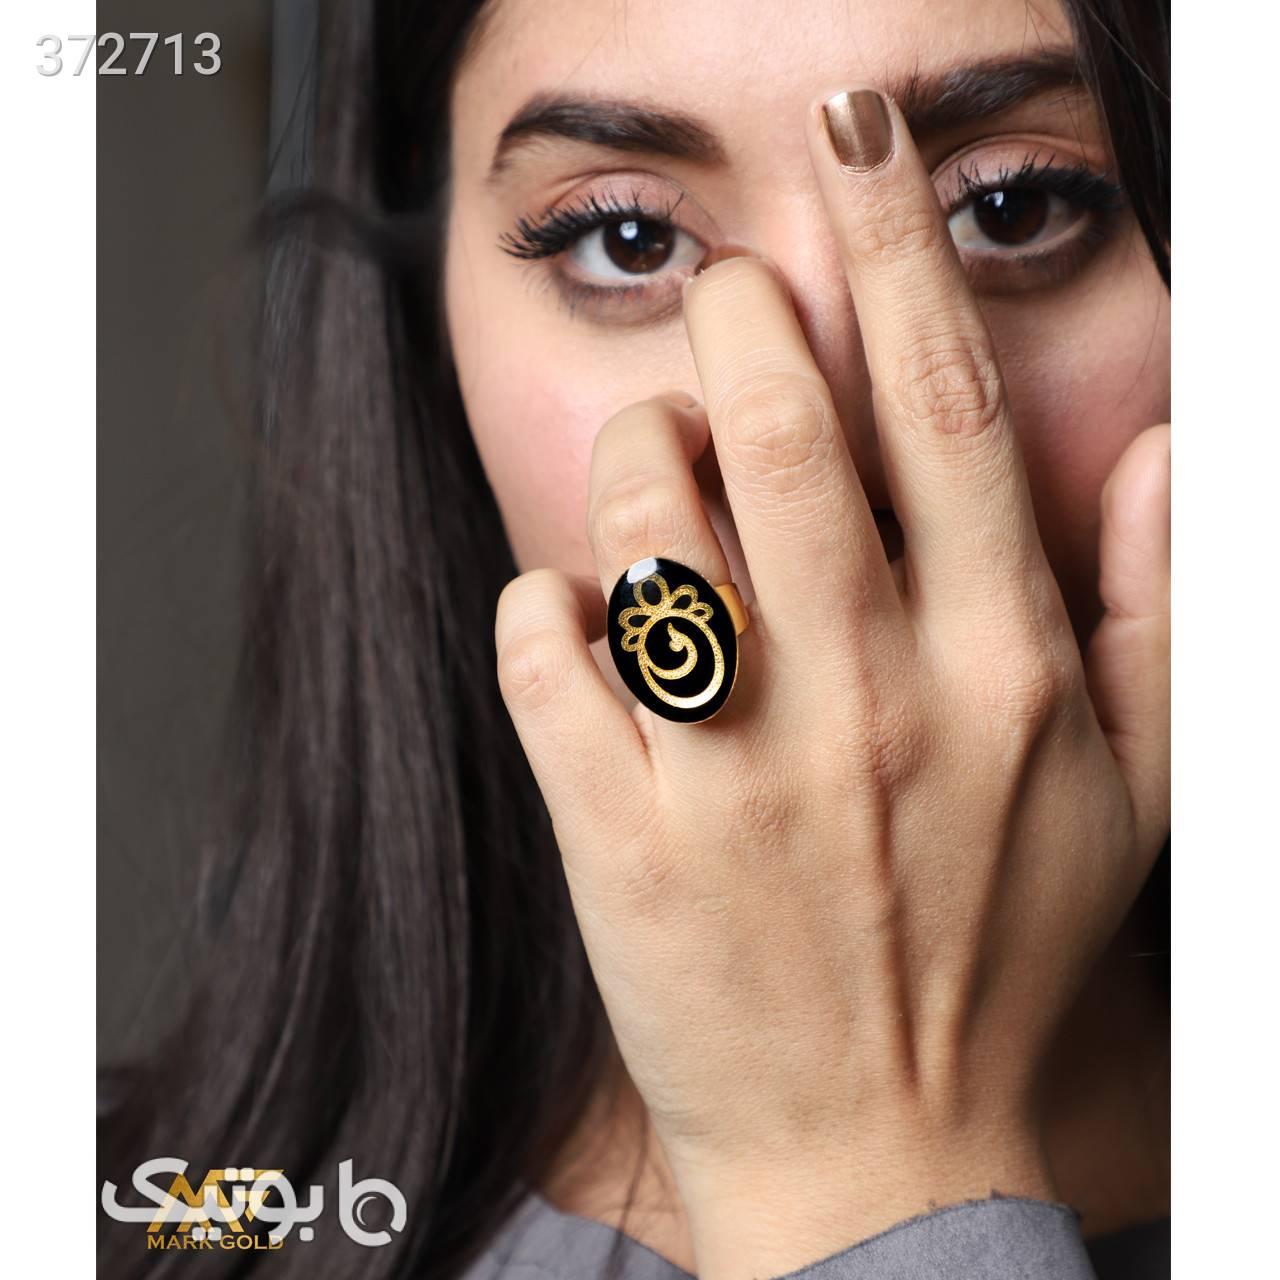 RA02 انگشتر طلا کوب طرح آرام مشکی انگشتر